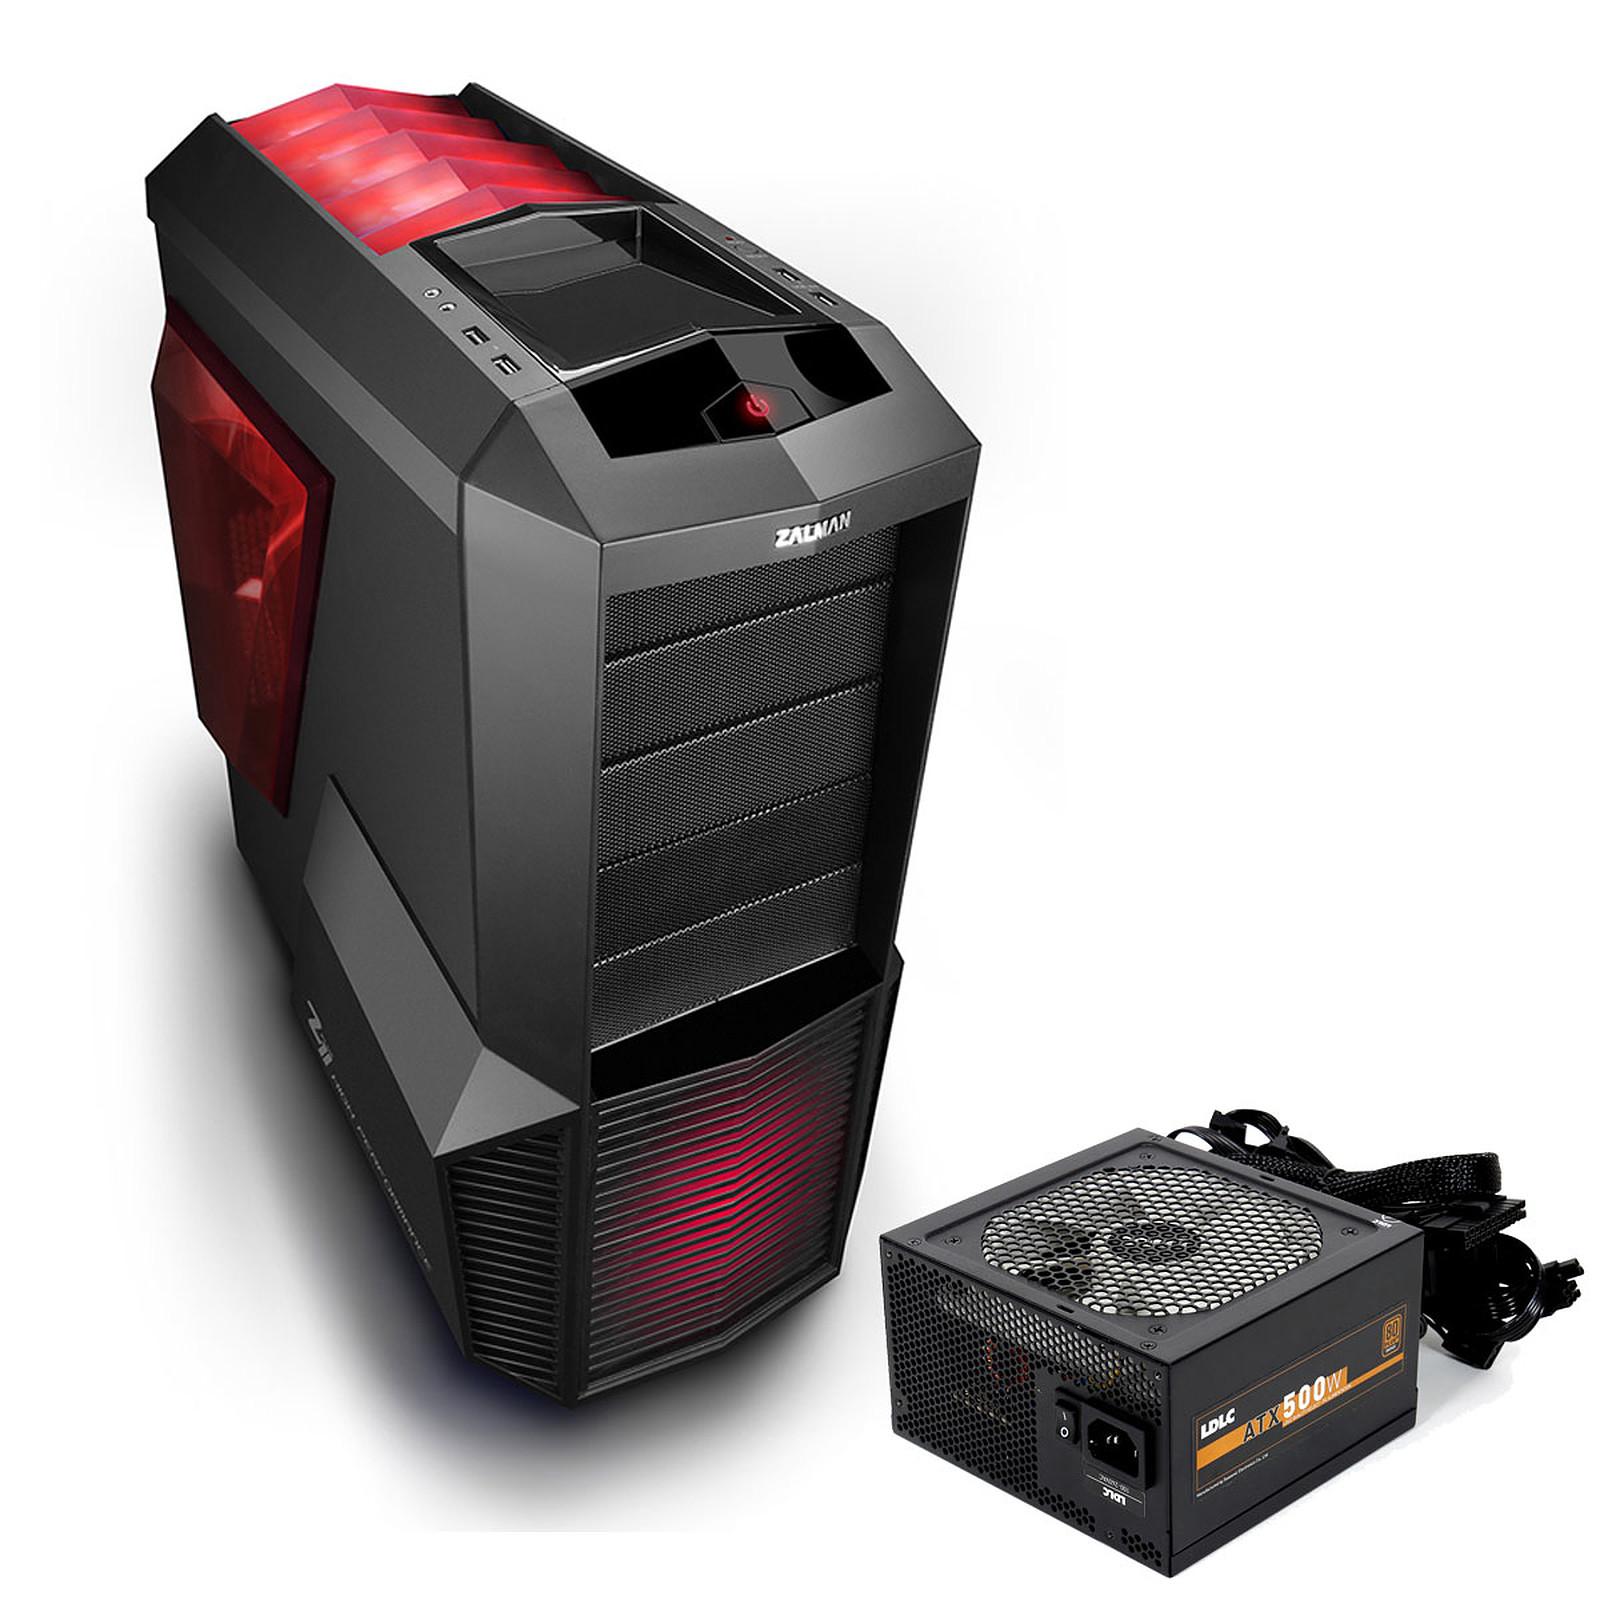 Zalman Z11 Plus HF1 + LDLC EC-500 Quality Select 80PLUS Bronze